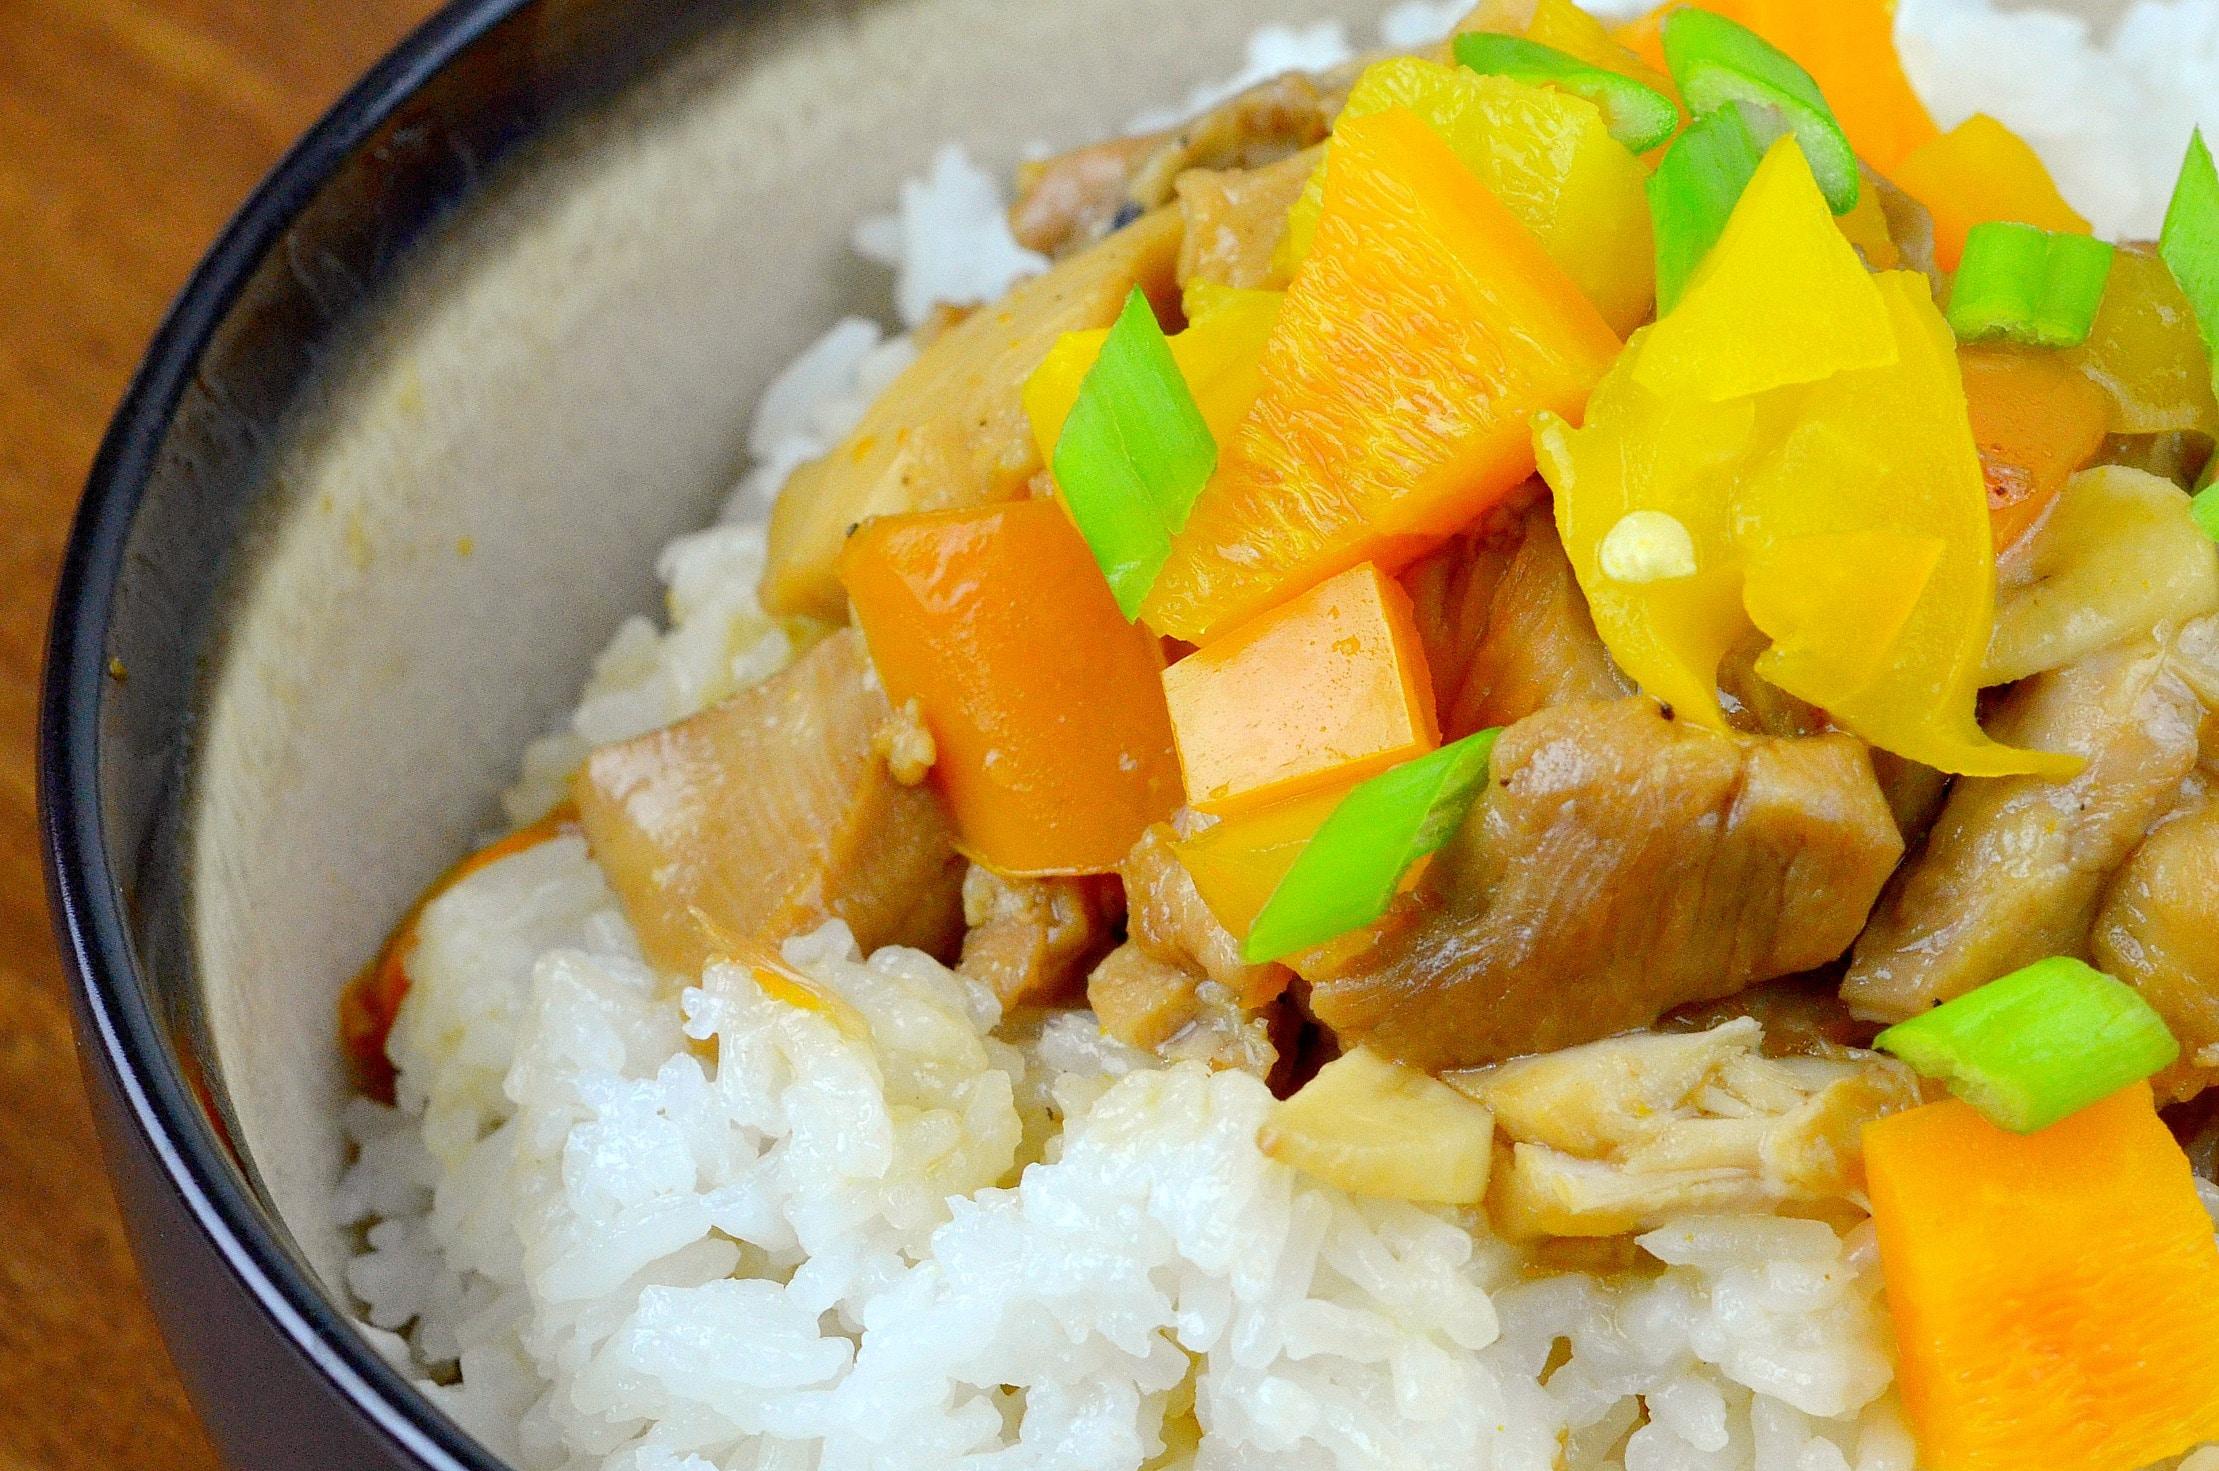 Pressure Cooker Orange Chicken